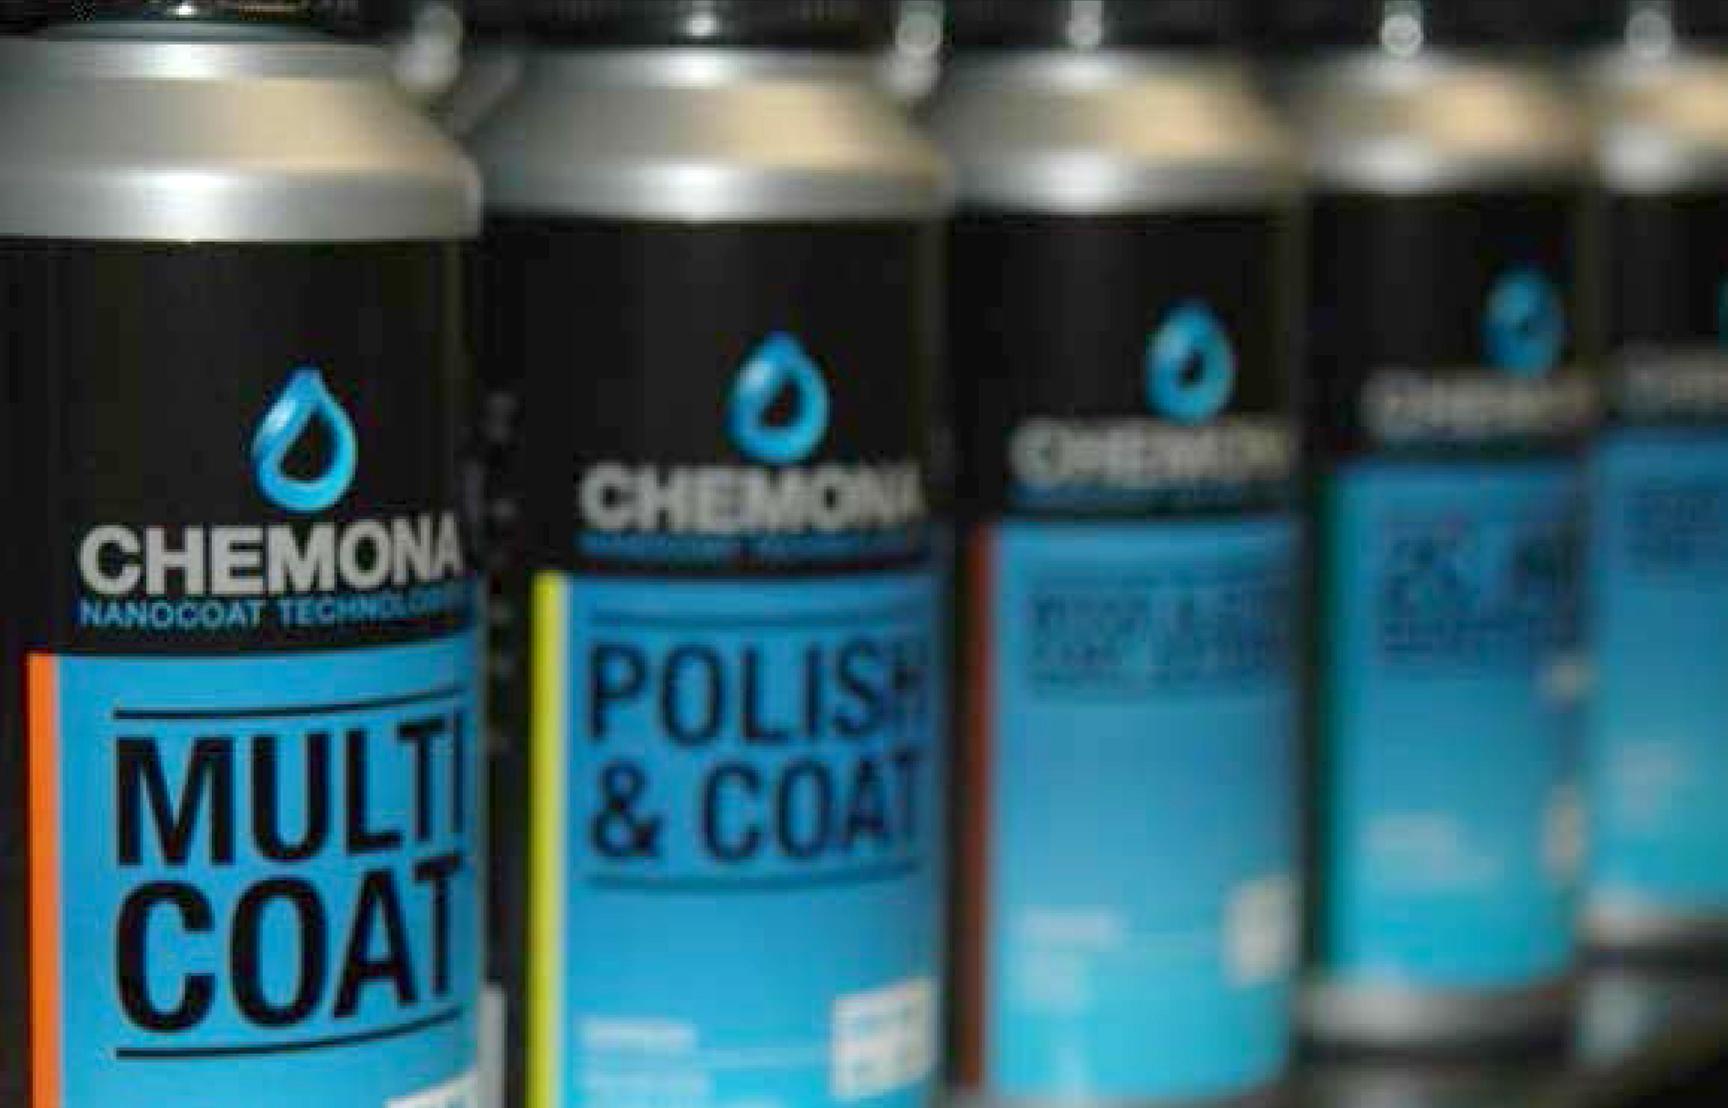 Chemona_Product_Homepage.jpg